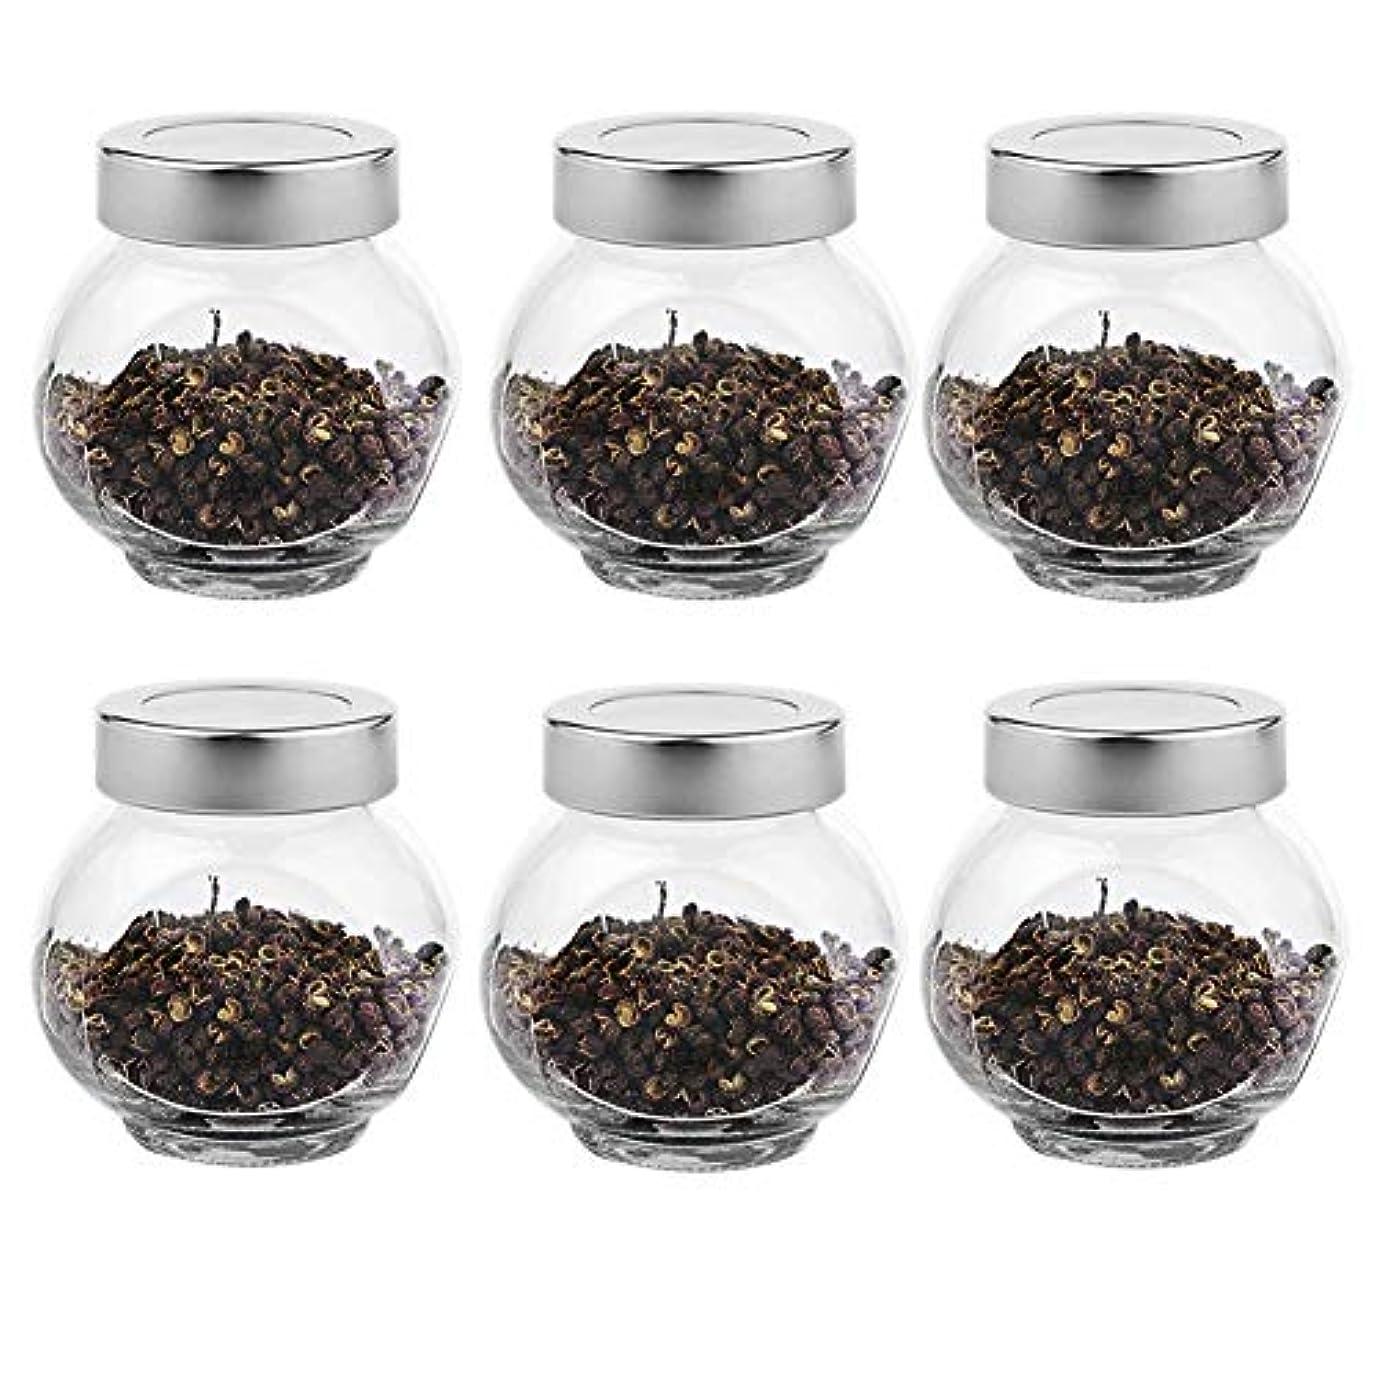 レビュー倒錯ゴールド6つの透明ガラス貯蔵容器茶/季節密封缶(200 ml)の貯蔵ジャーパック